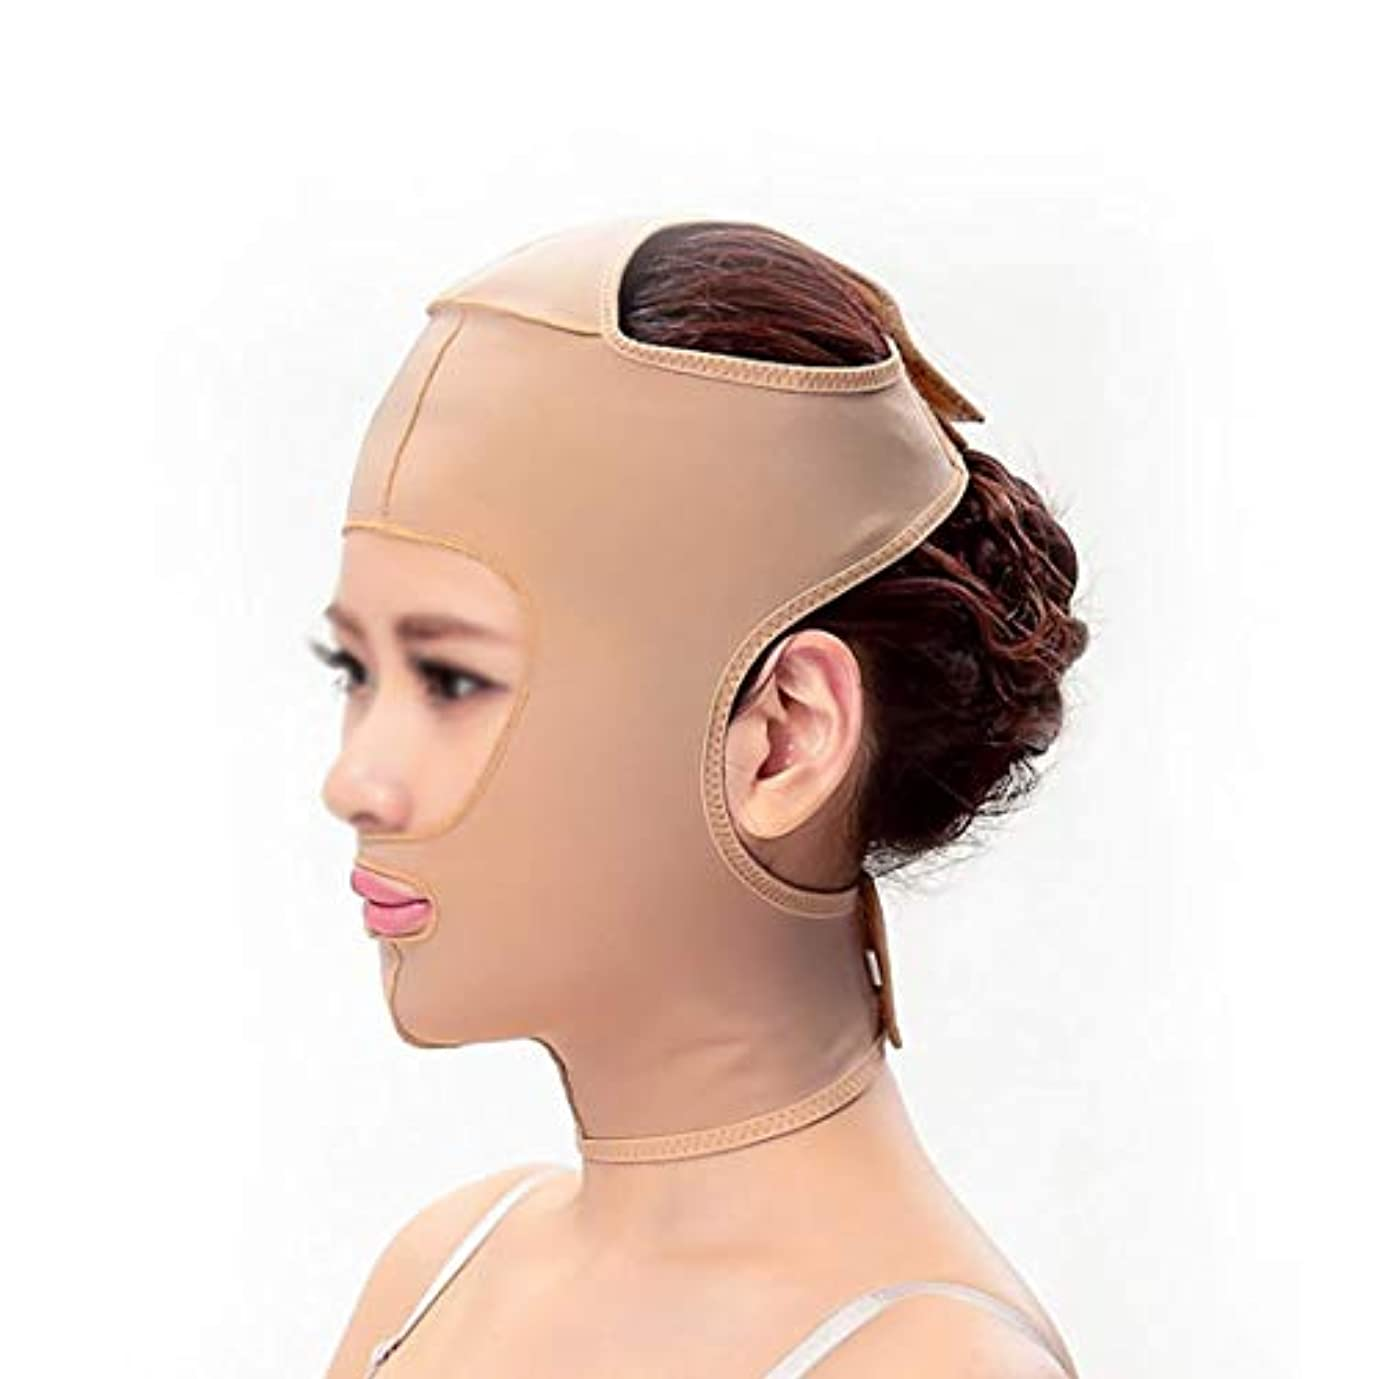 スリミングベルト、二重あごの引き締め顔面プラスチックフェイスアーティファクト強力なフェイスバンデージをサイズアップするために顔面マスクシンフェイスマスク,XXL